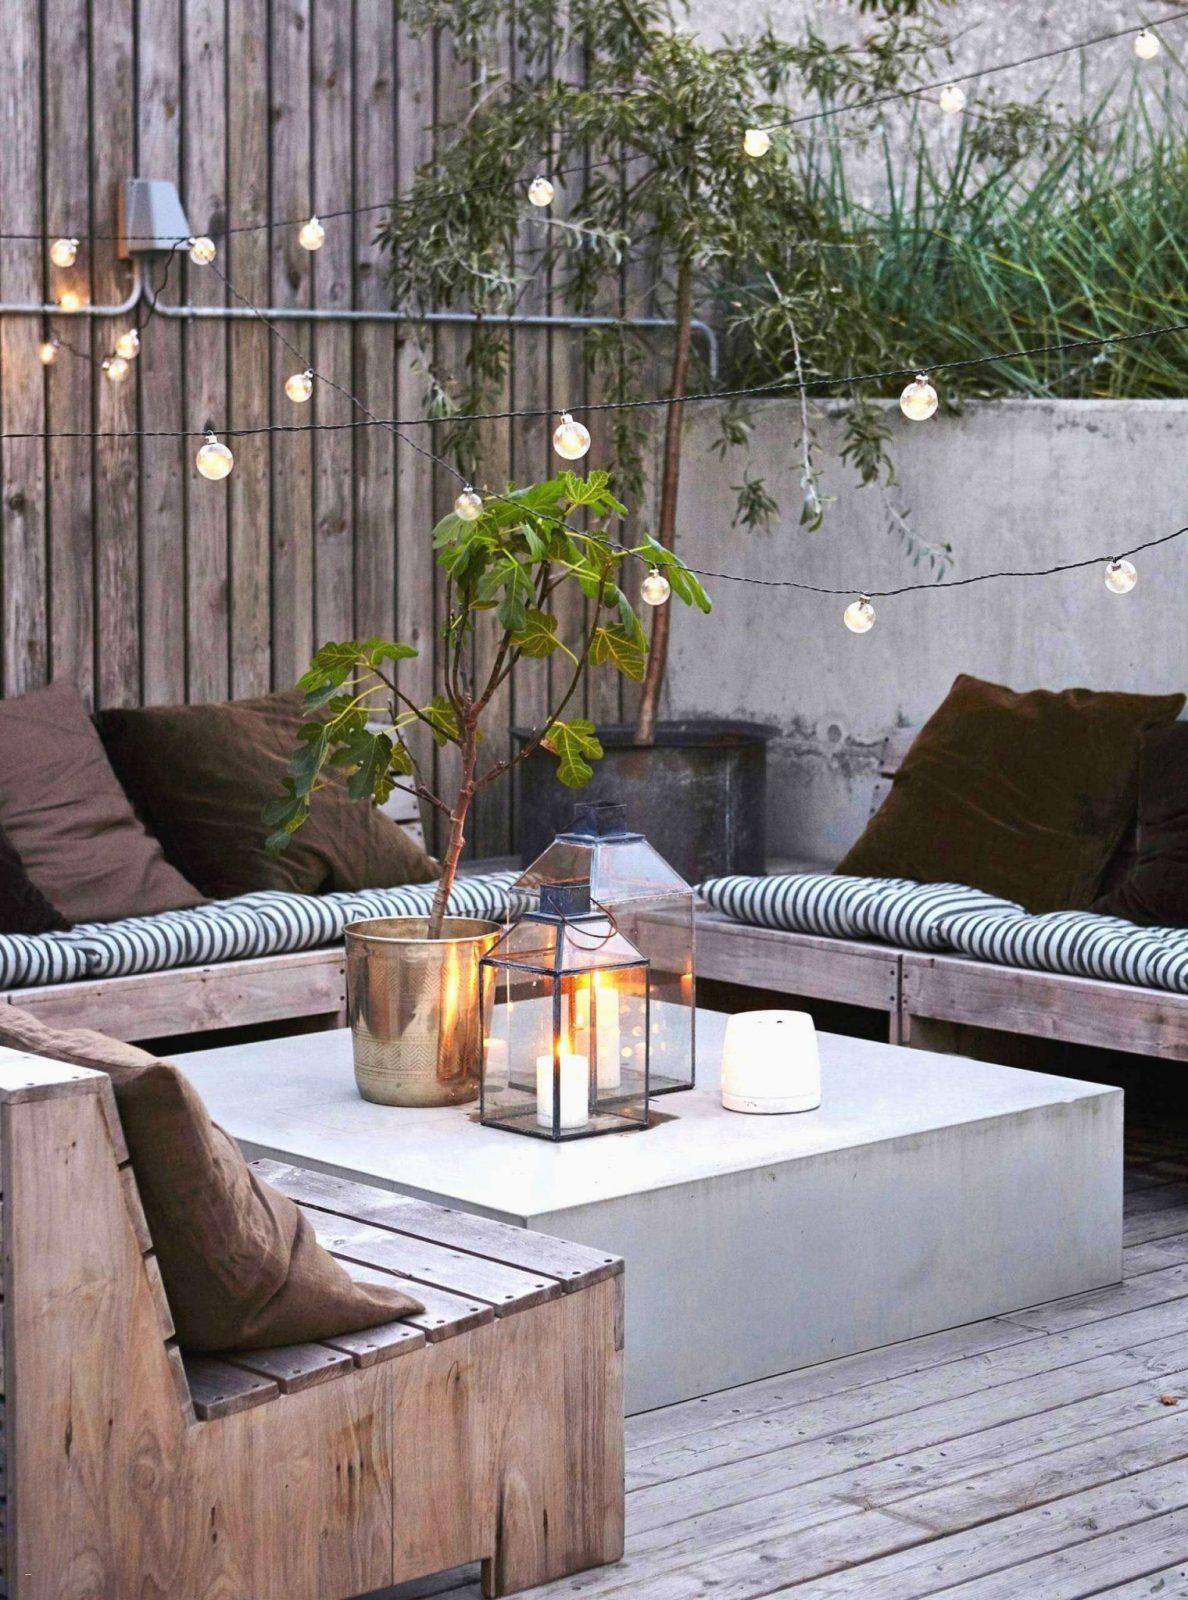 Konzept 45 Für Ideen Für Kleine Reihenhausgärten von Ideen Für Kleine Reihenhausgärten Bild